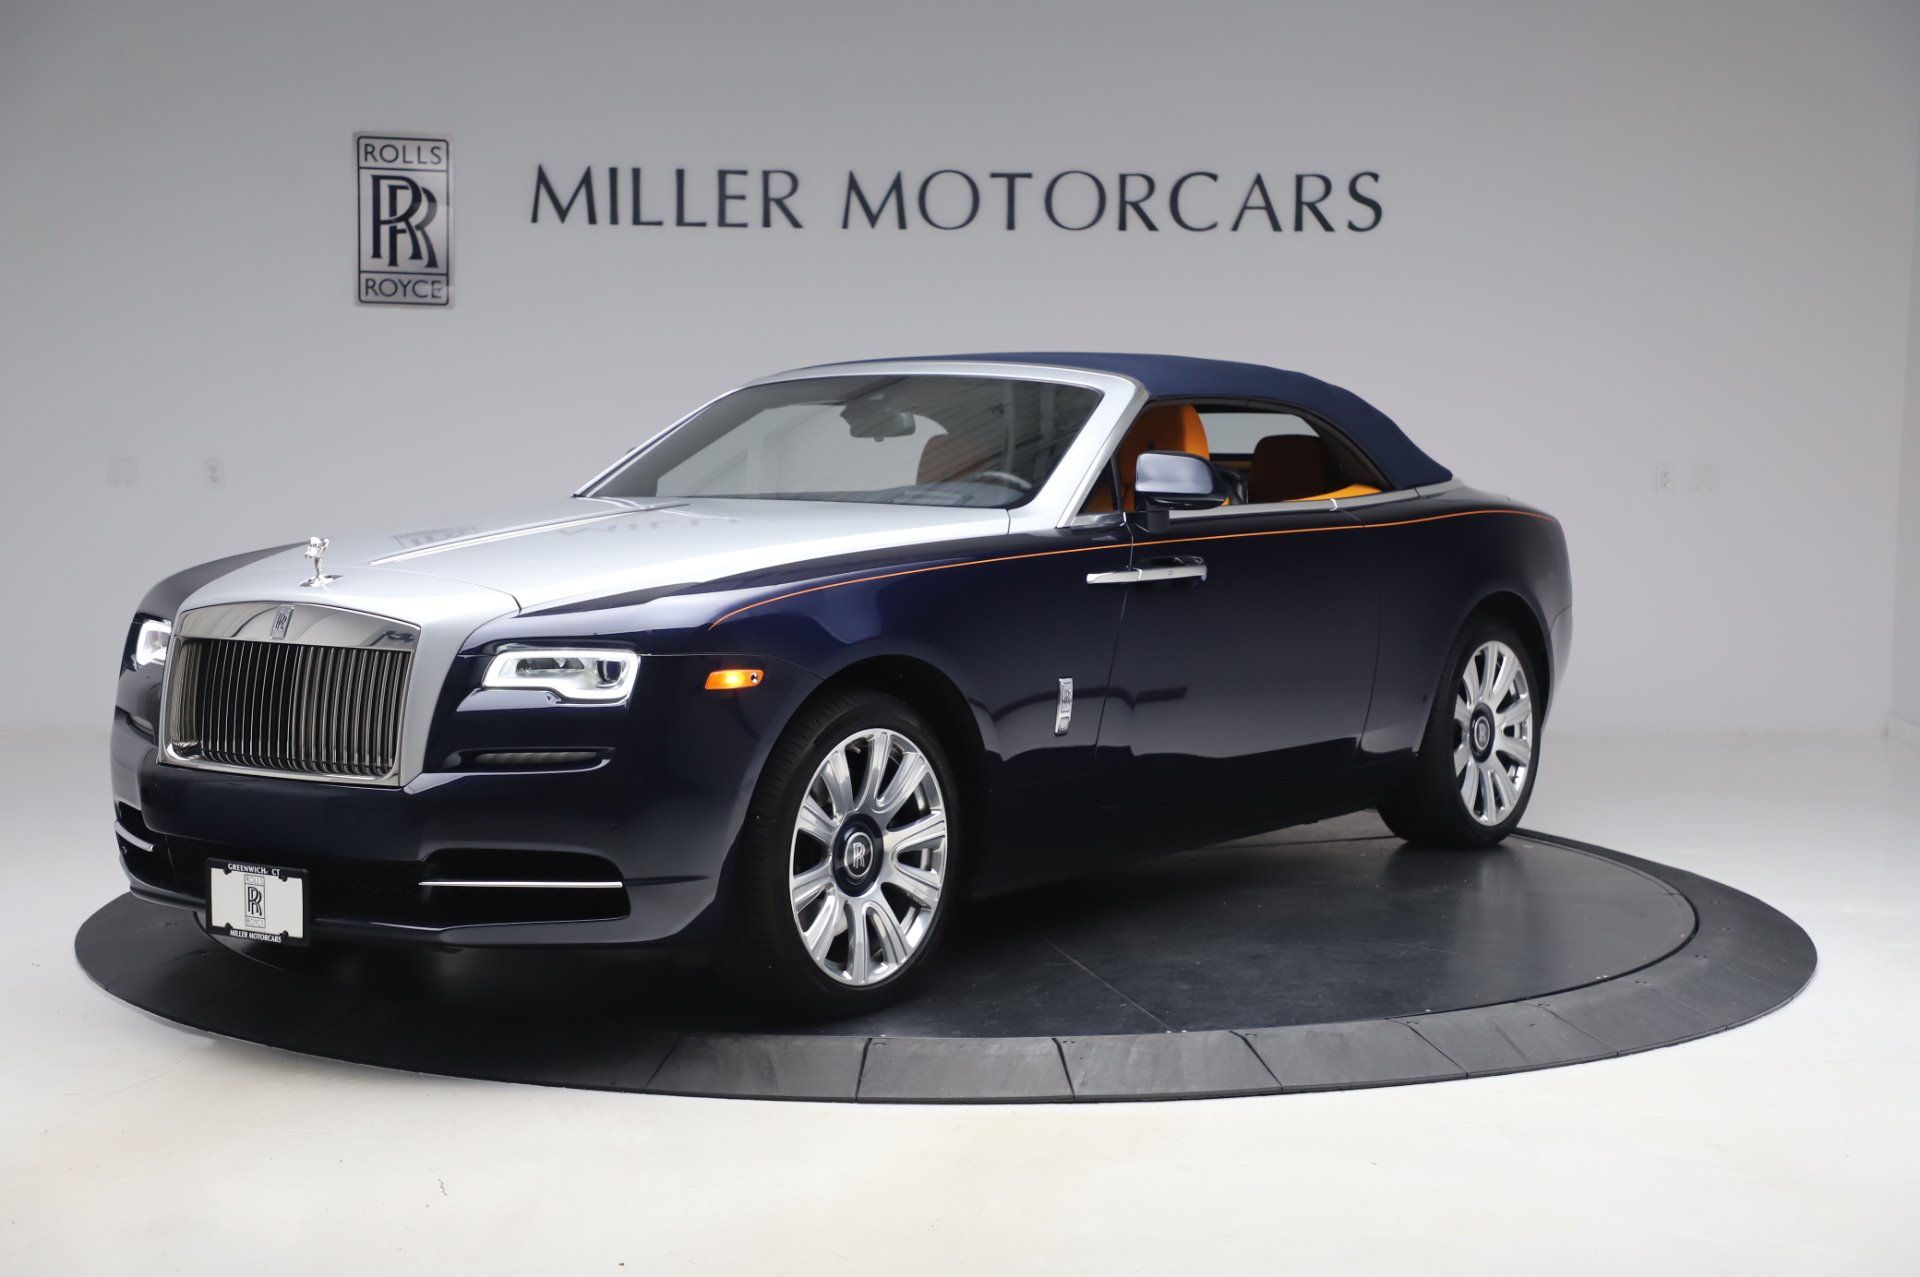 rolls royce dawn dark blue. New 2017 Rolls-Royce Dawn | Greenwich, CT Rolls Royce Dark Blue S